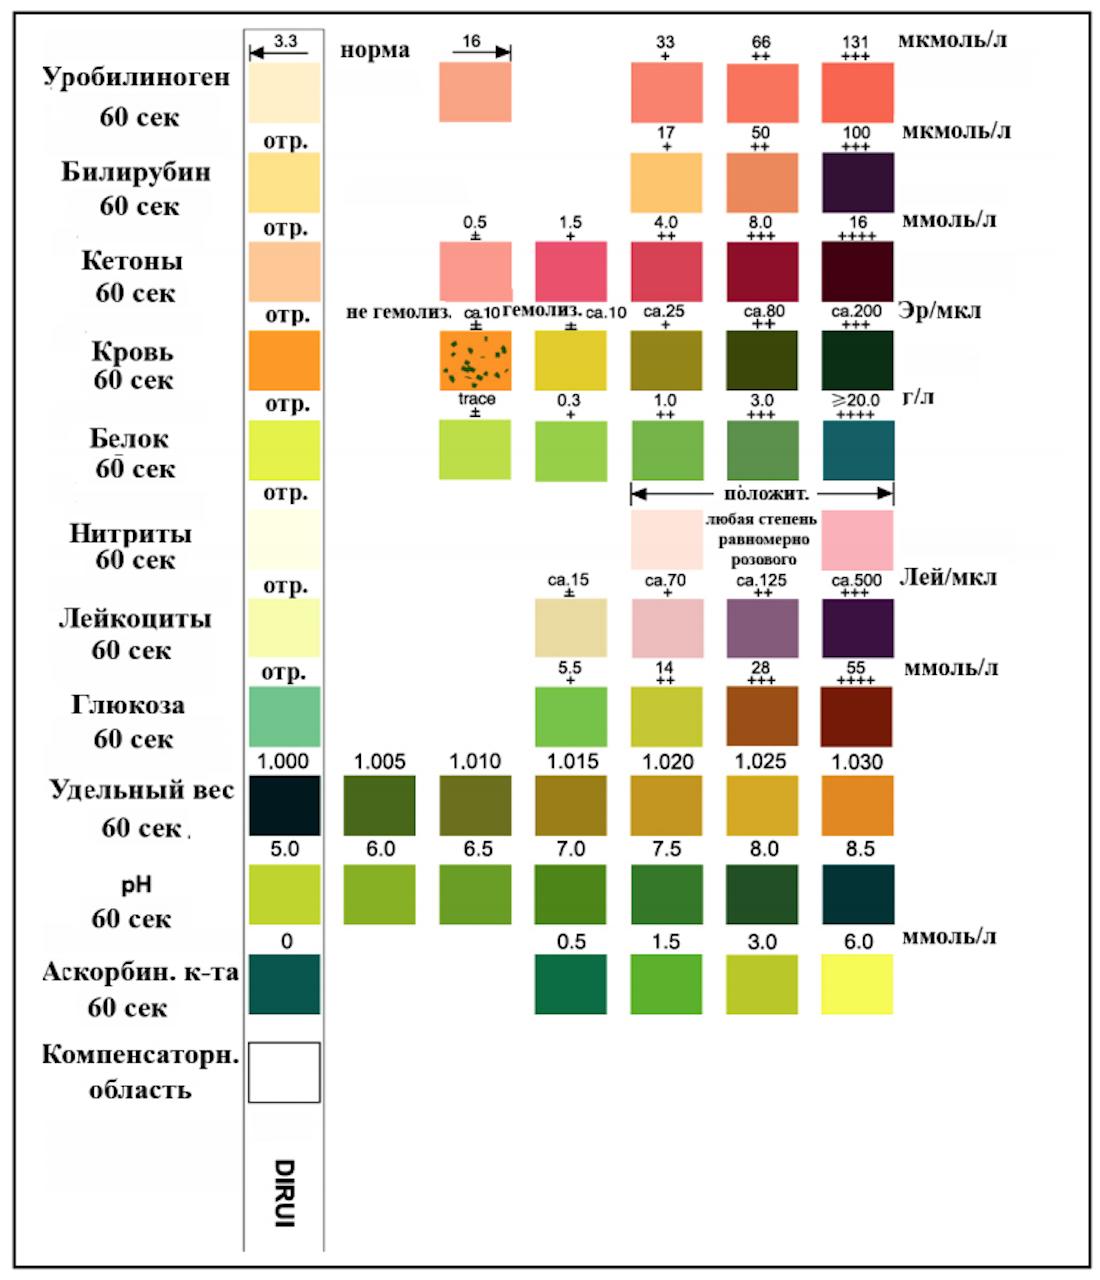 Клинический анализ мочи дома на тест-полосках: плюсы и минусы - 6